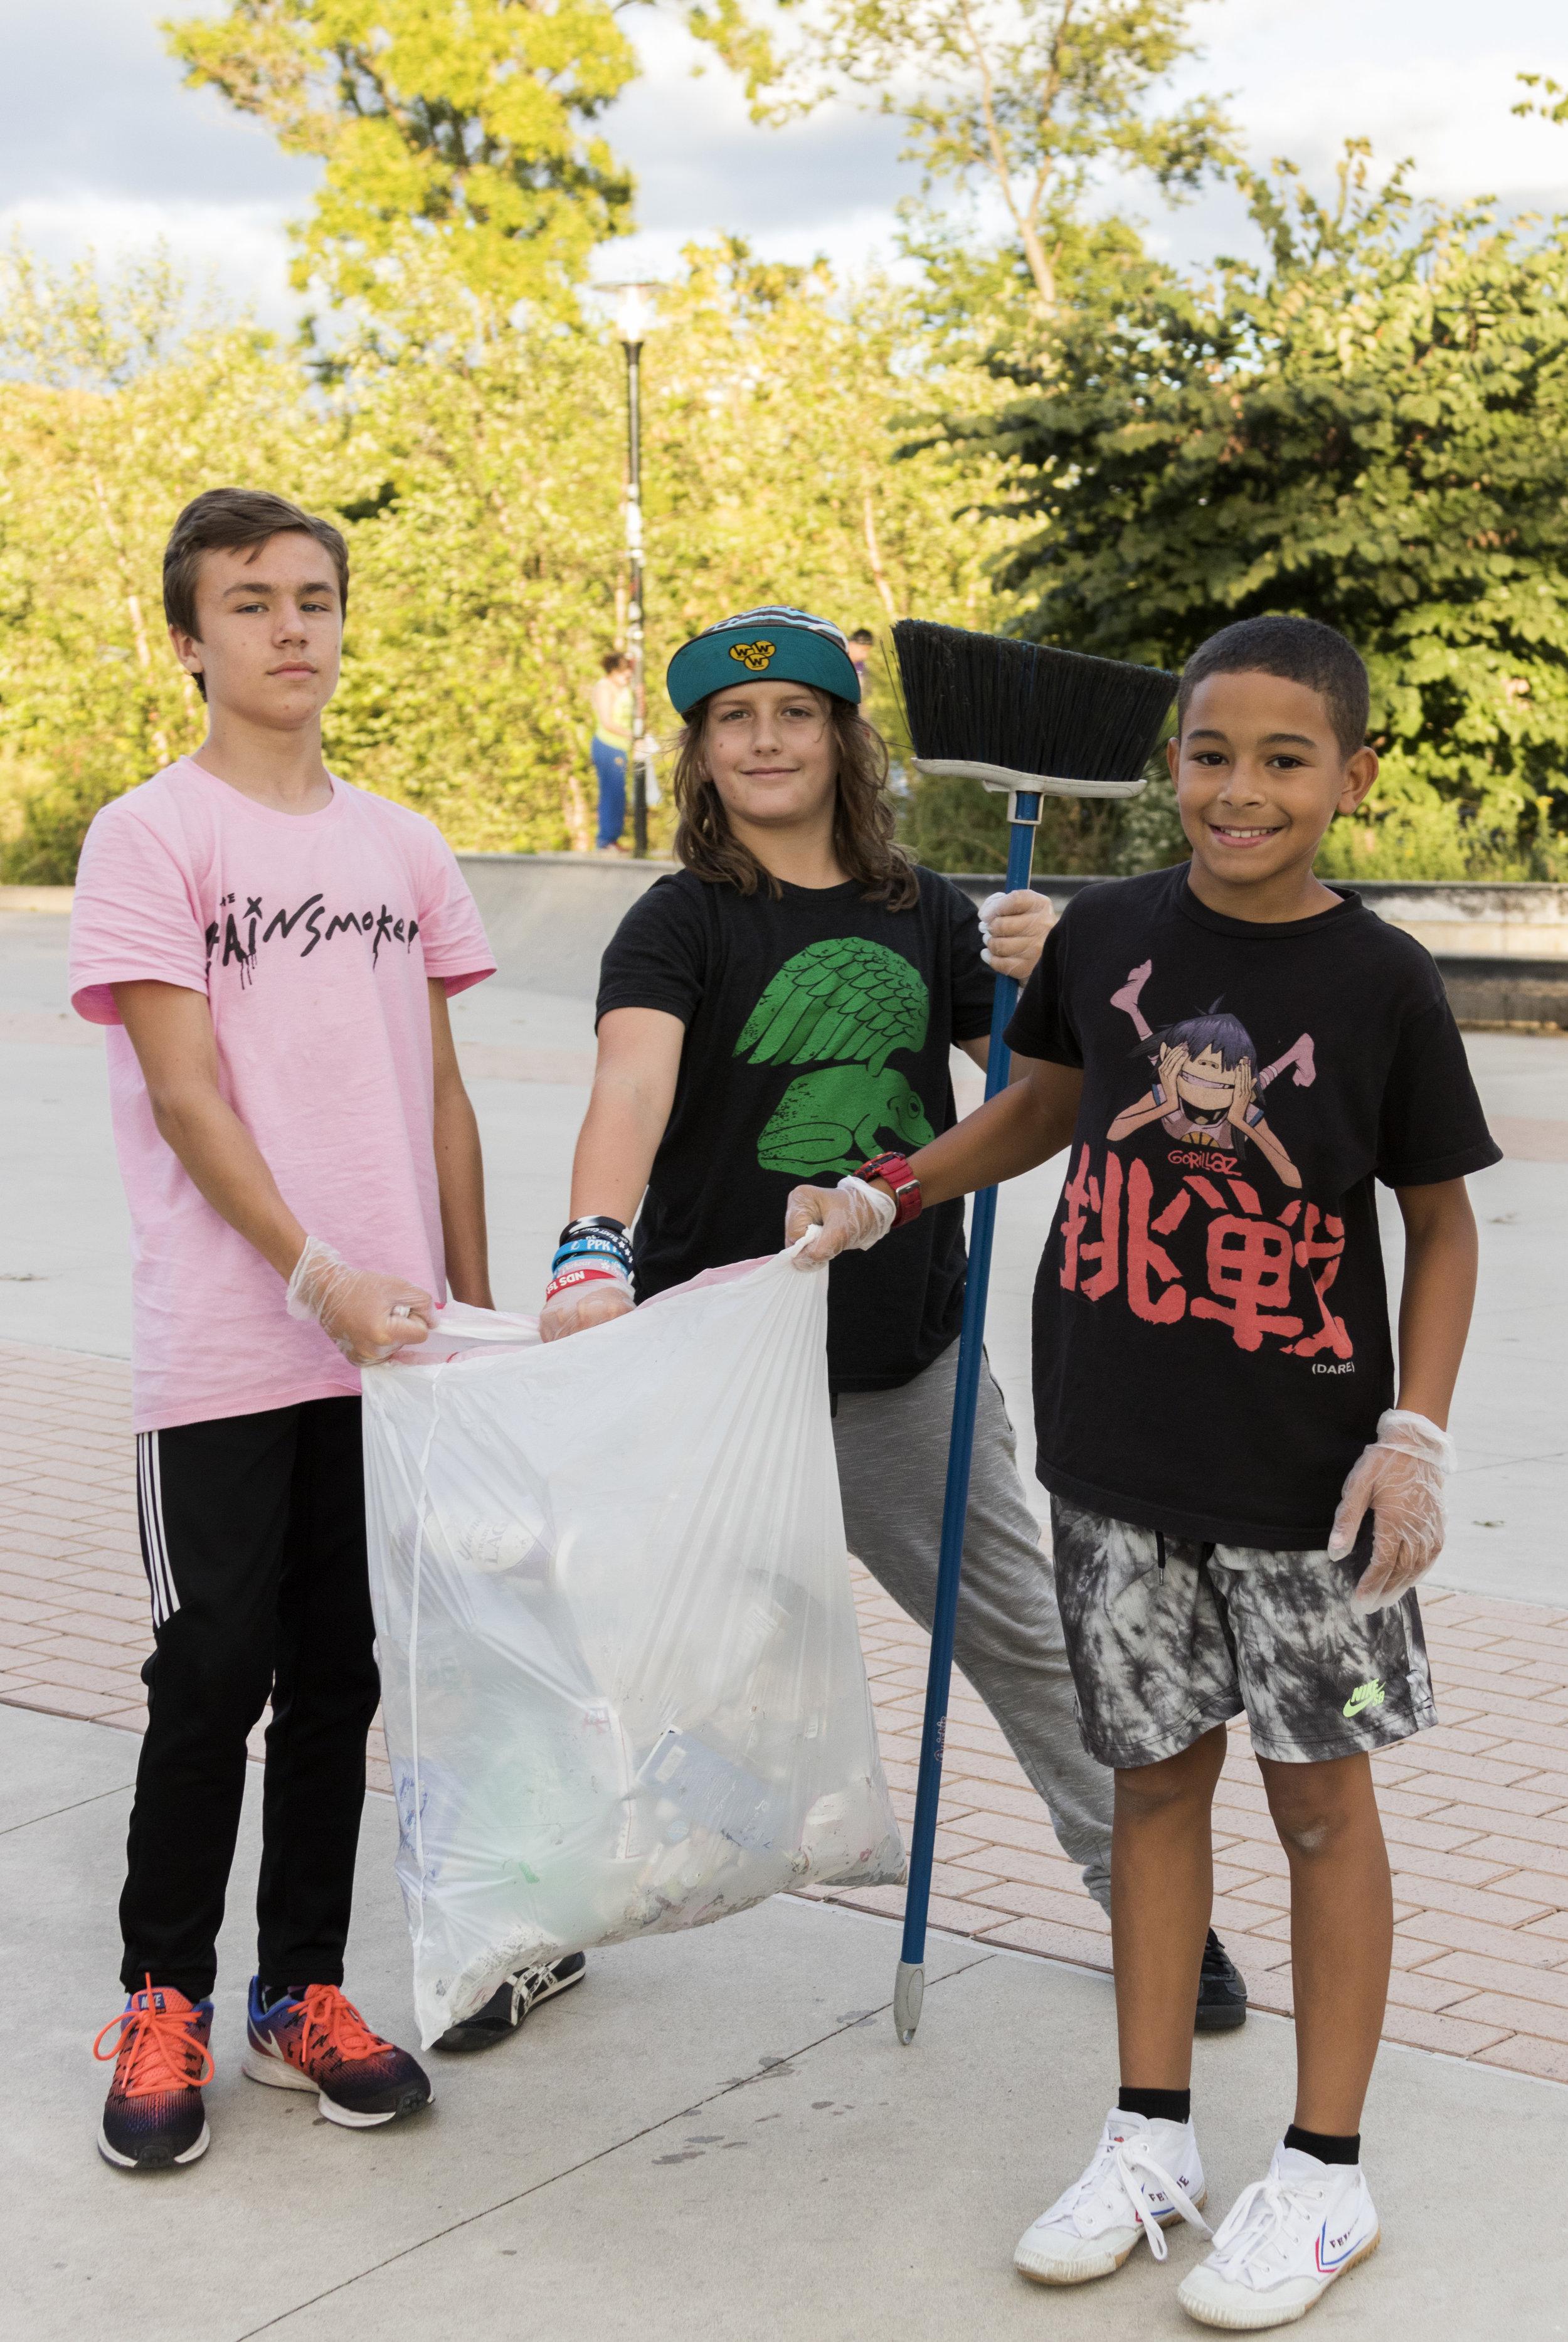 The Intrepid Trio